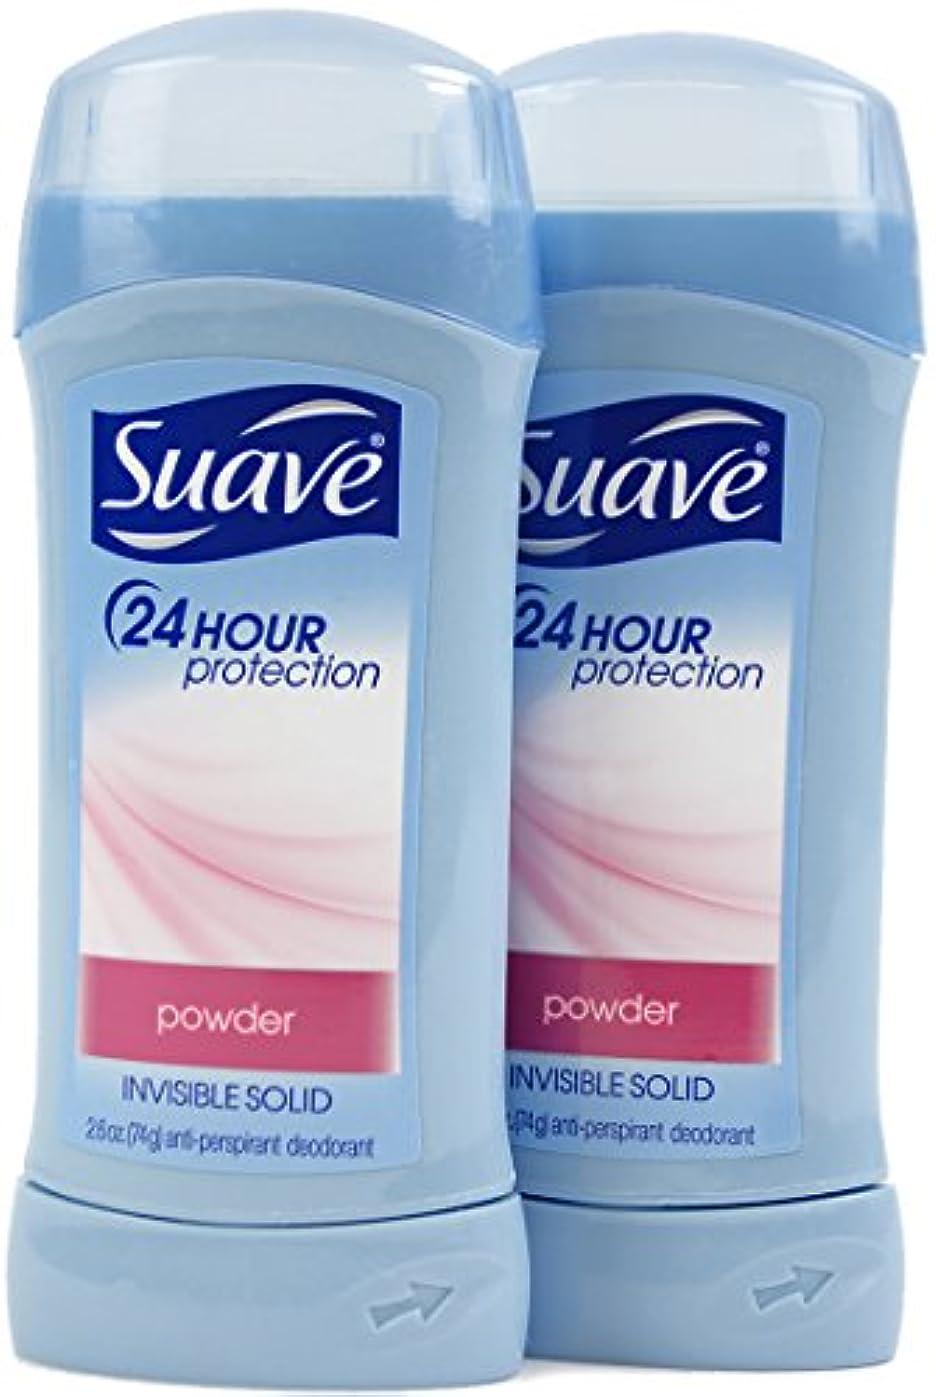 一目なかなか運命スアーブ(Suave) 固形デオドラント スティック パウダーの香り 74g×2個[並行輸入品]